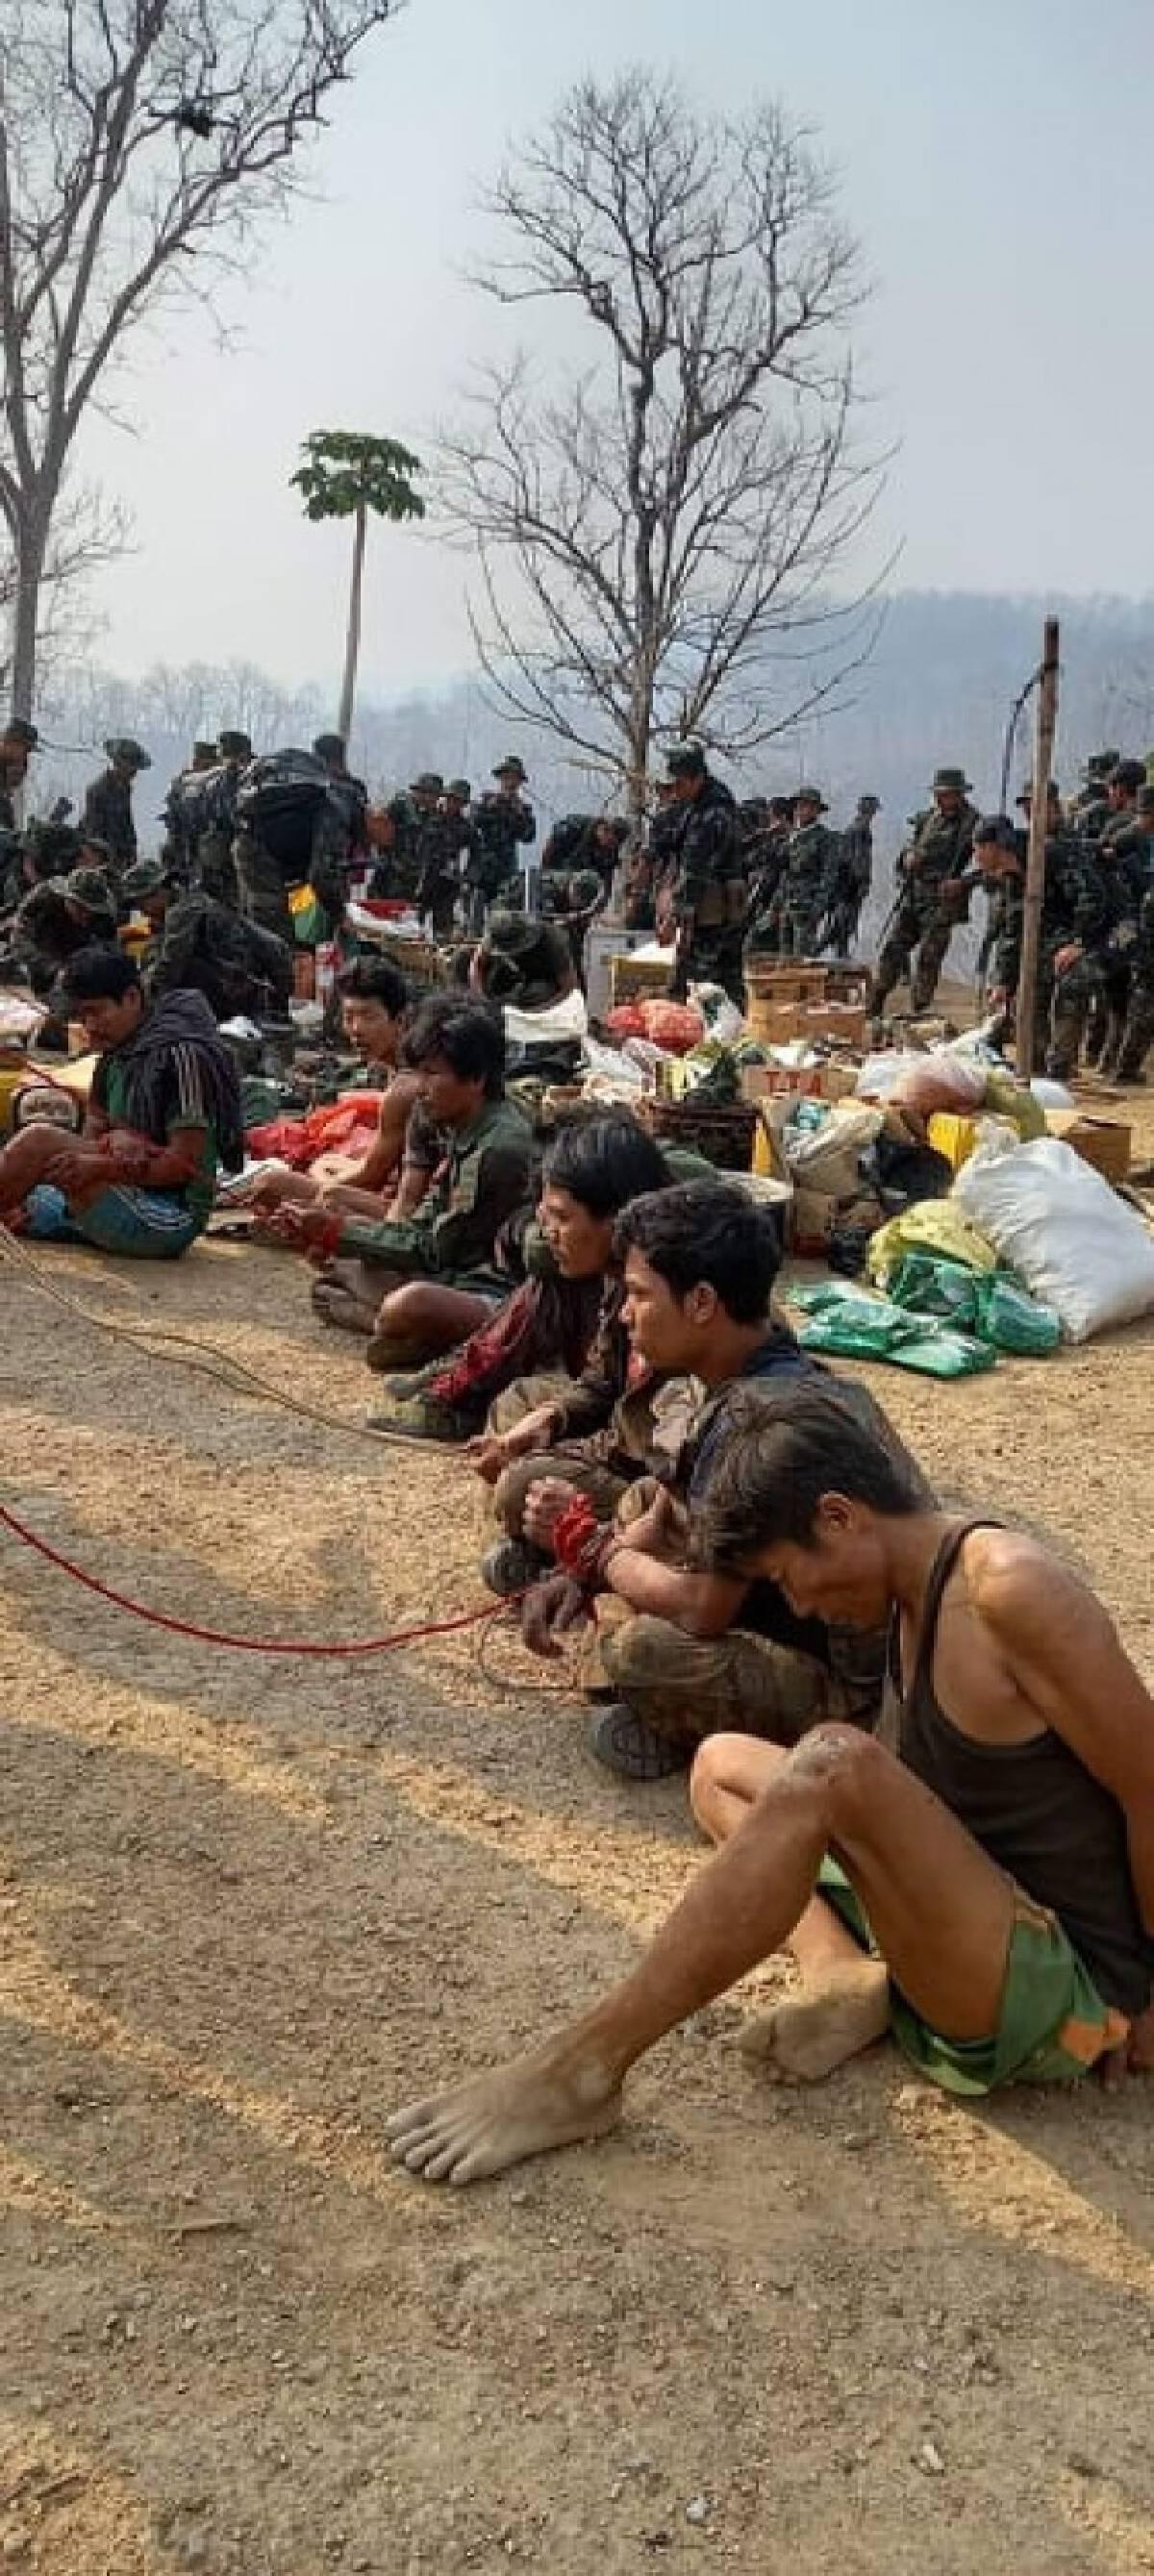 กะเหรี่ยงเคเอ็นยู.มอบของขวัญวันกองทัพเมียนมา ถล่มฐานที่มั่นแตก เสียชีวิต 6 คน จับเป็น กว่า 20 คน